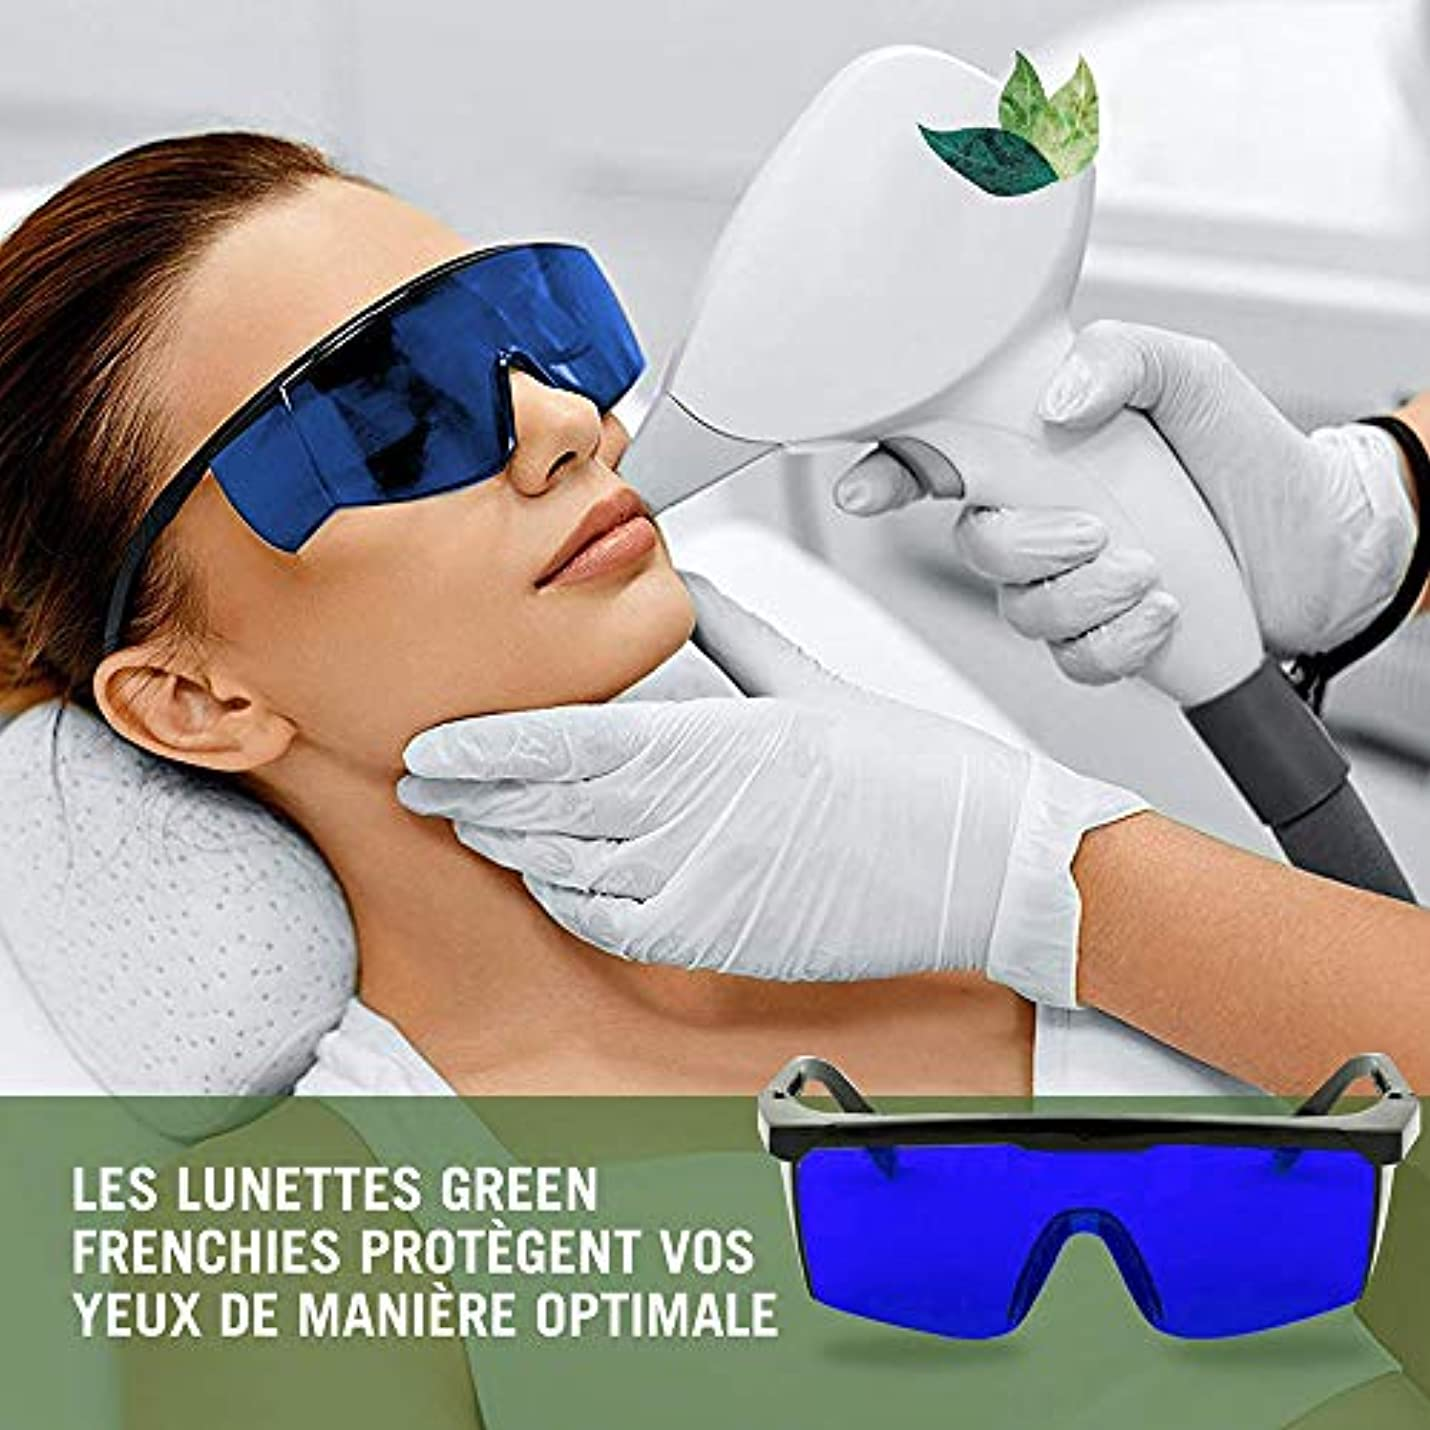 チーズめ言葉ベッツィトロットウッドaomashangmao 2019レーザー脱毛およびパルス光用保護メガネ